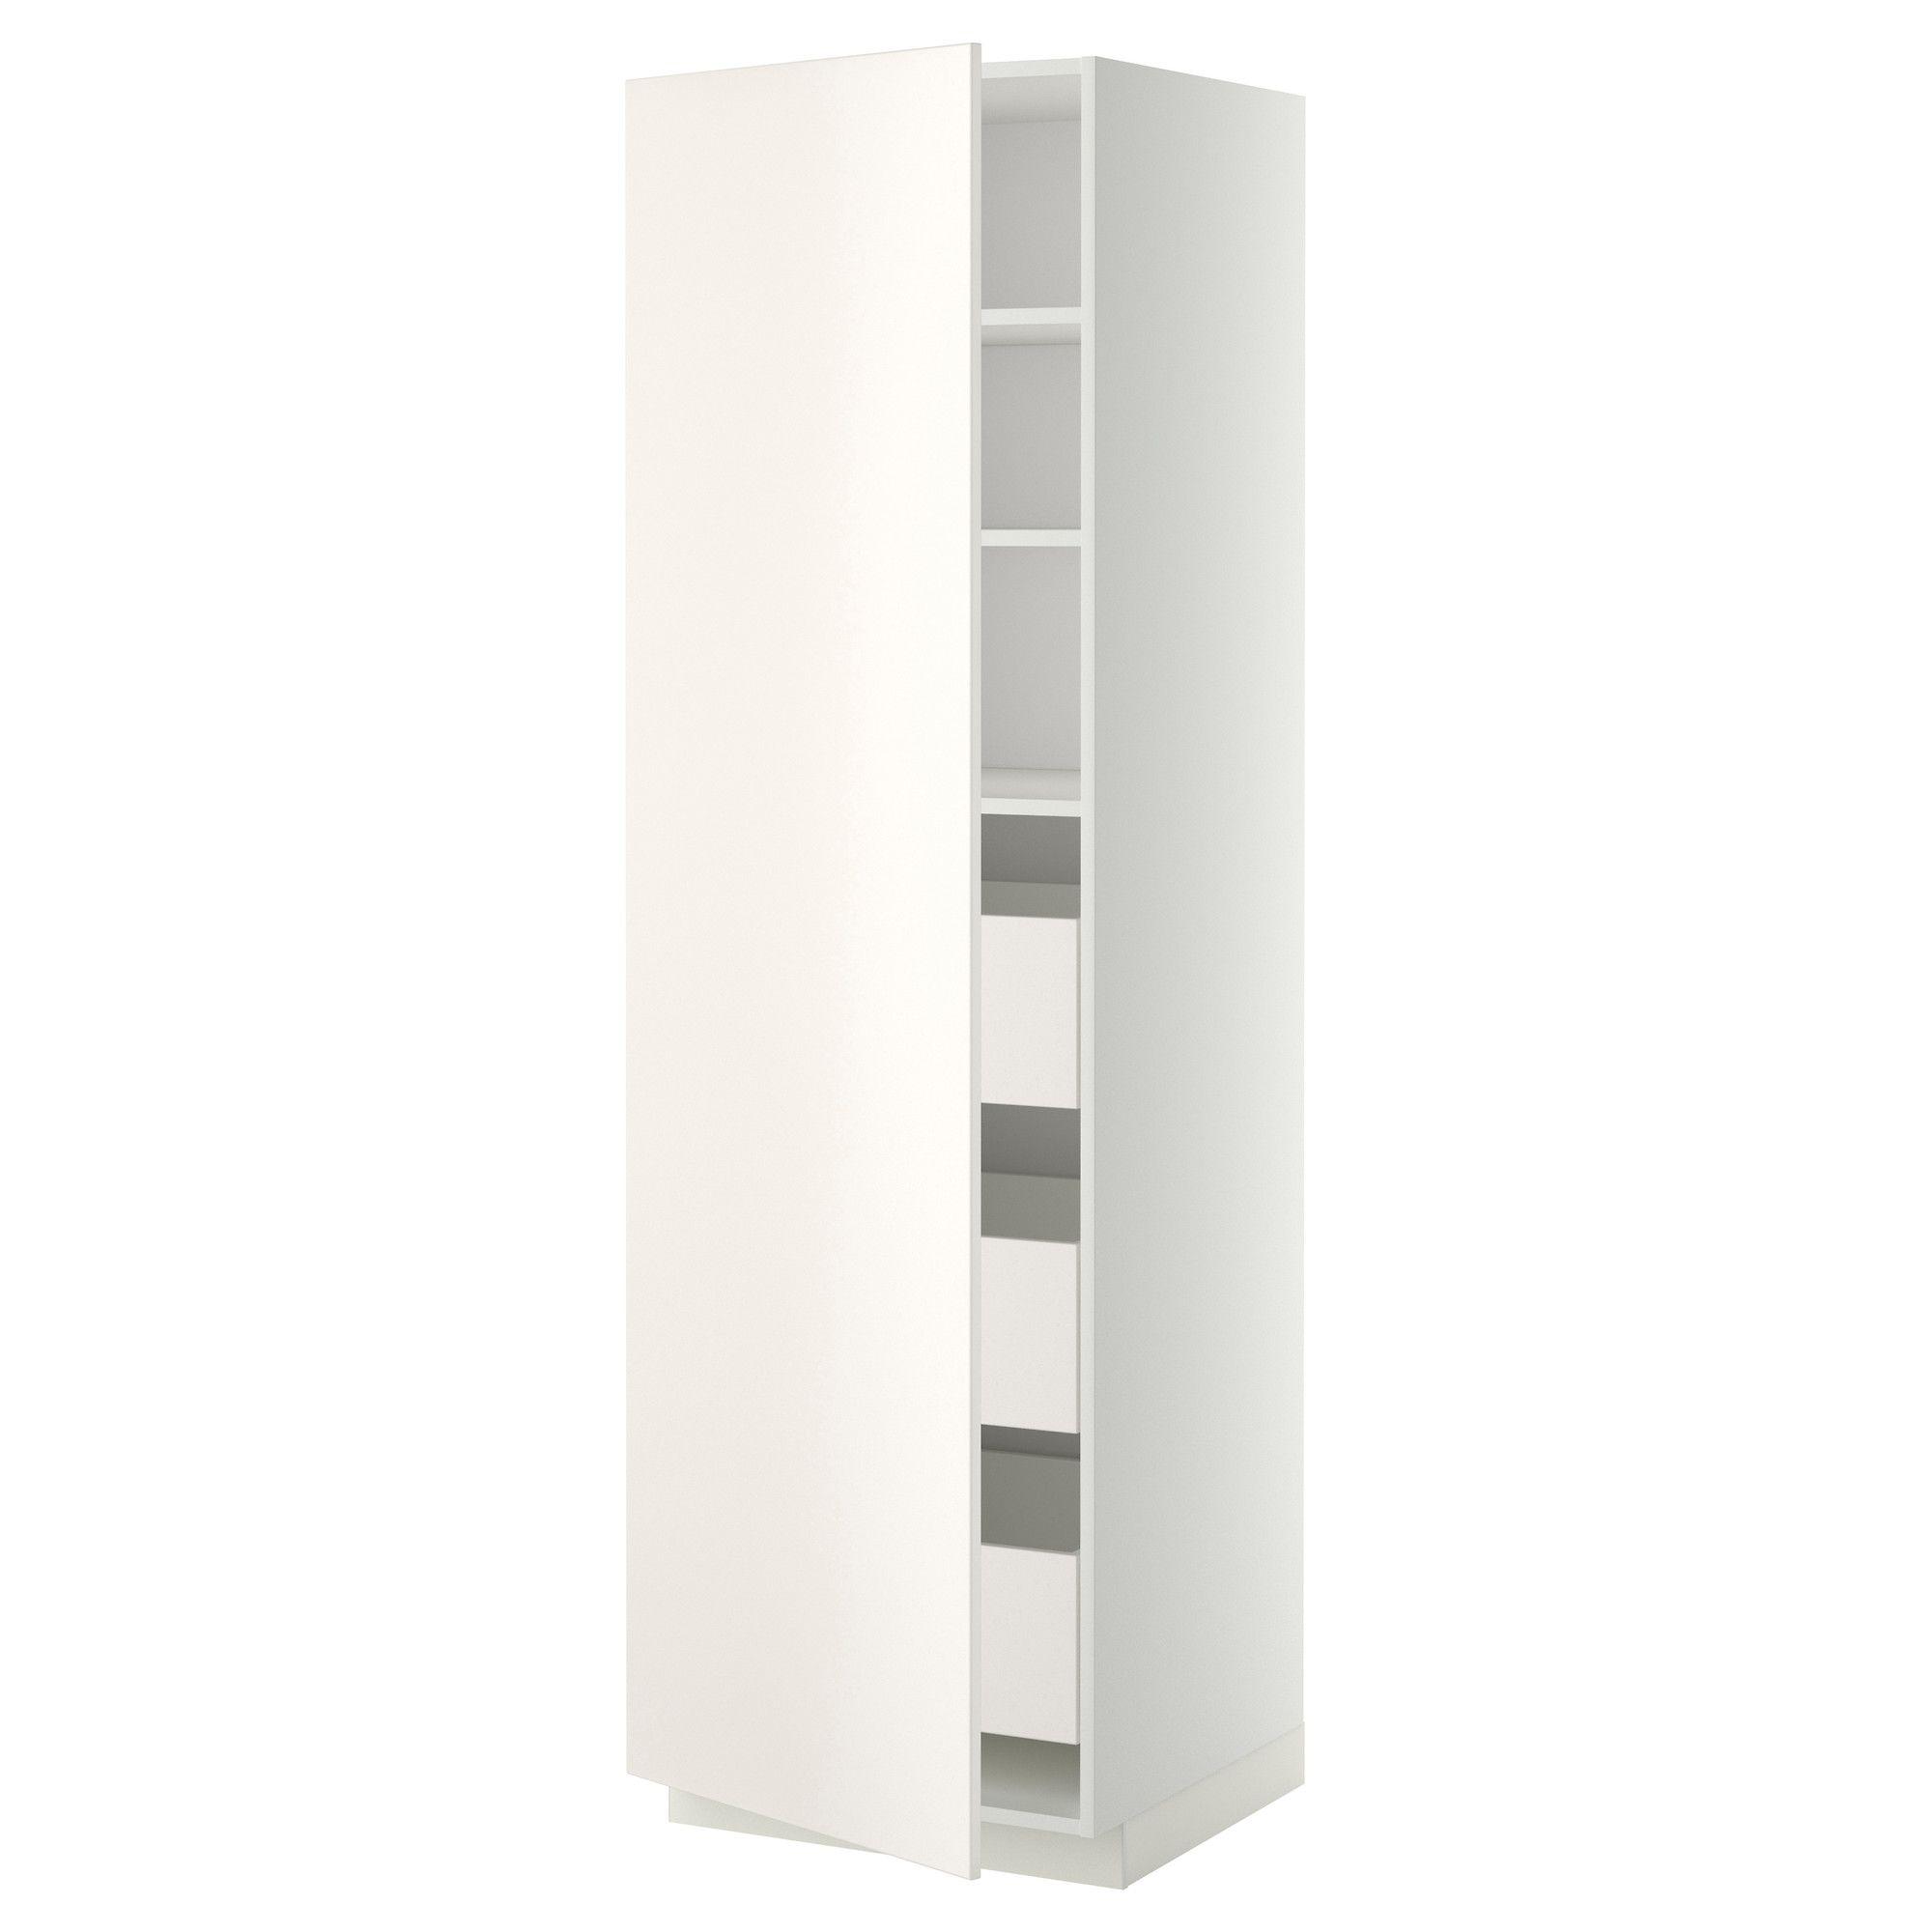 Battiscopa In Legno Ikea. Fabulous Battiscopa Bianco Ikea Best ...